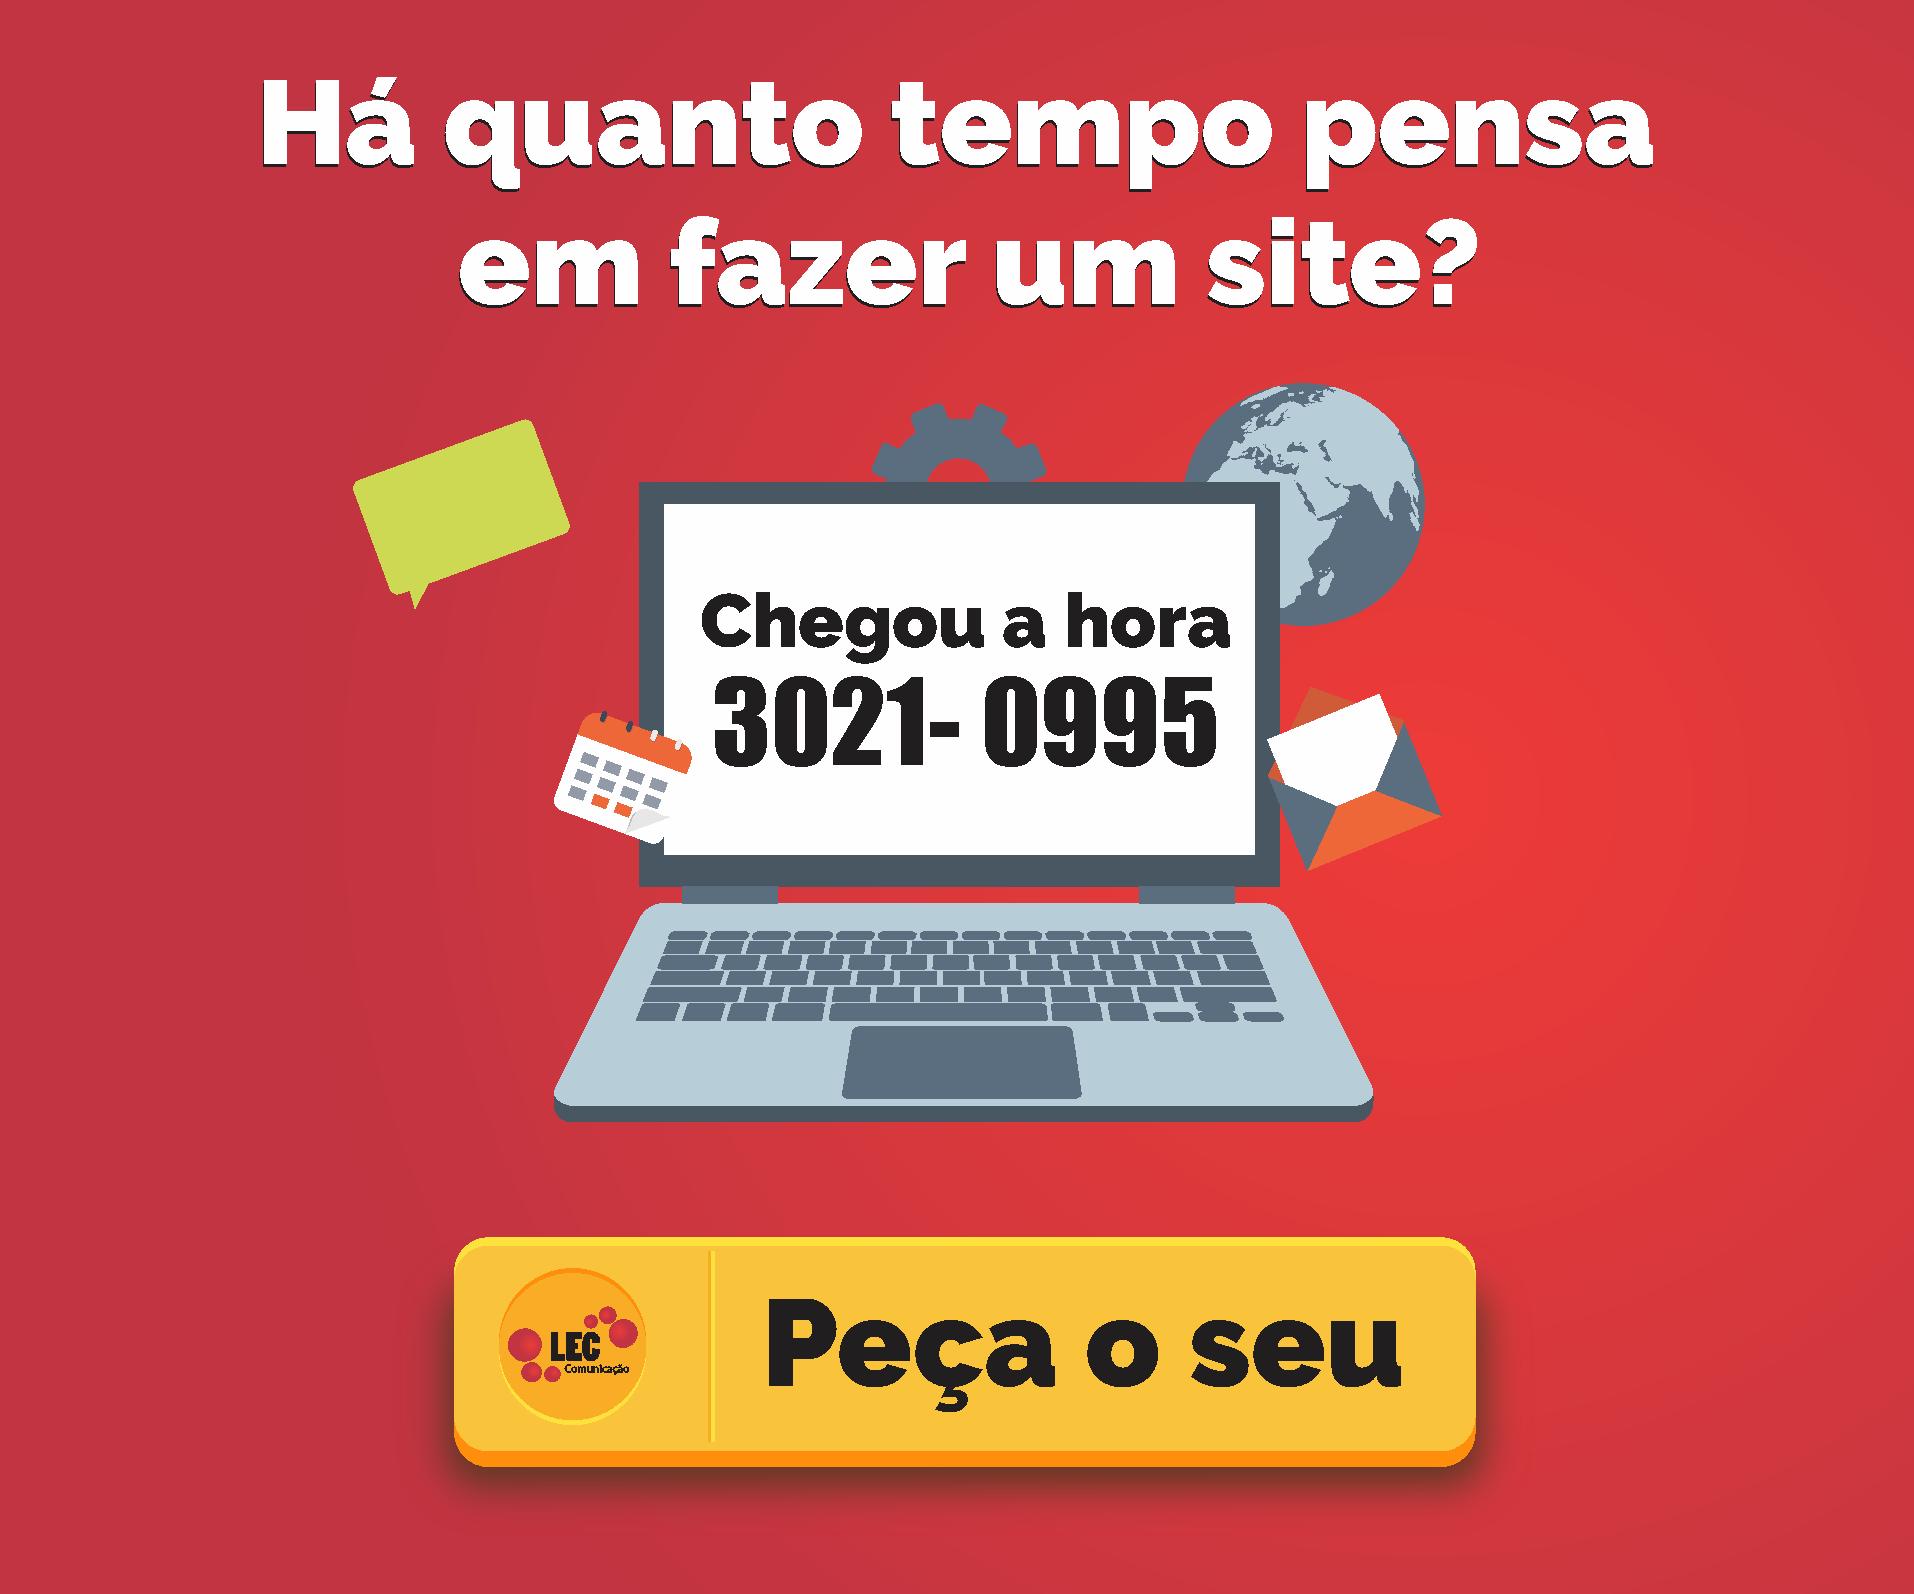 Faça seu site com a LEC! Telefone para contato: 31 3021-0995